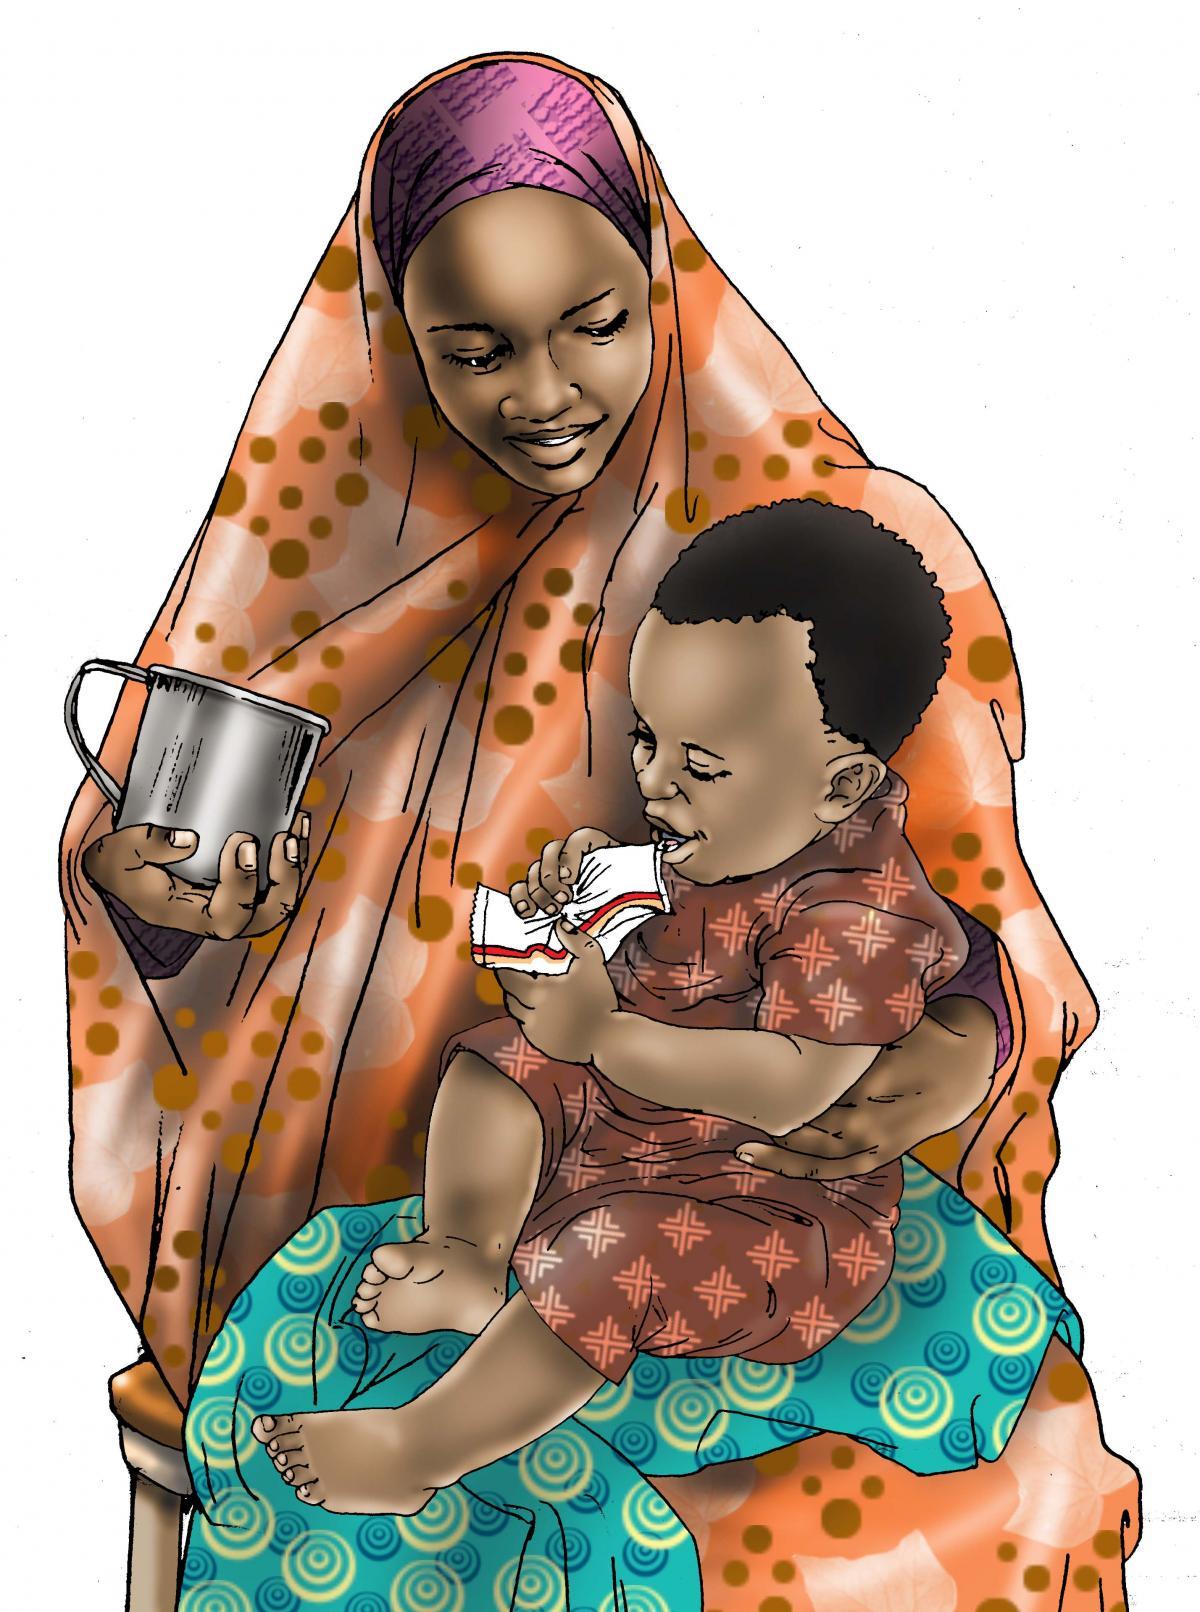 Complementary feeding - Mother feeding a child RUSF - 04 - Kenya Dadaab